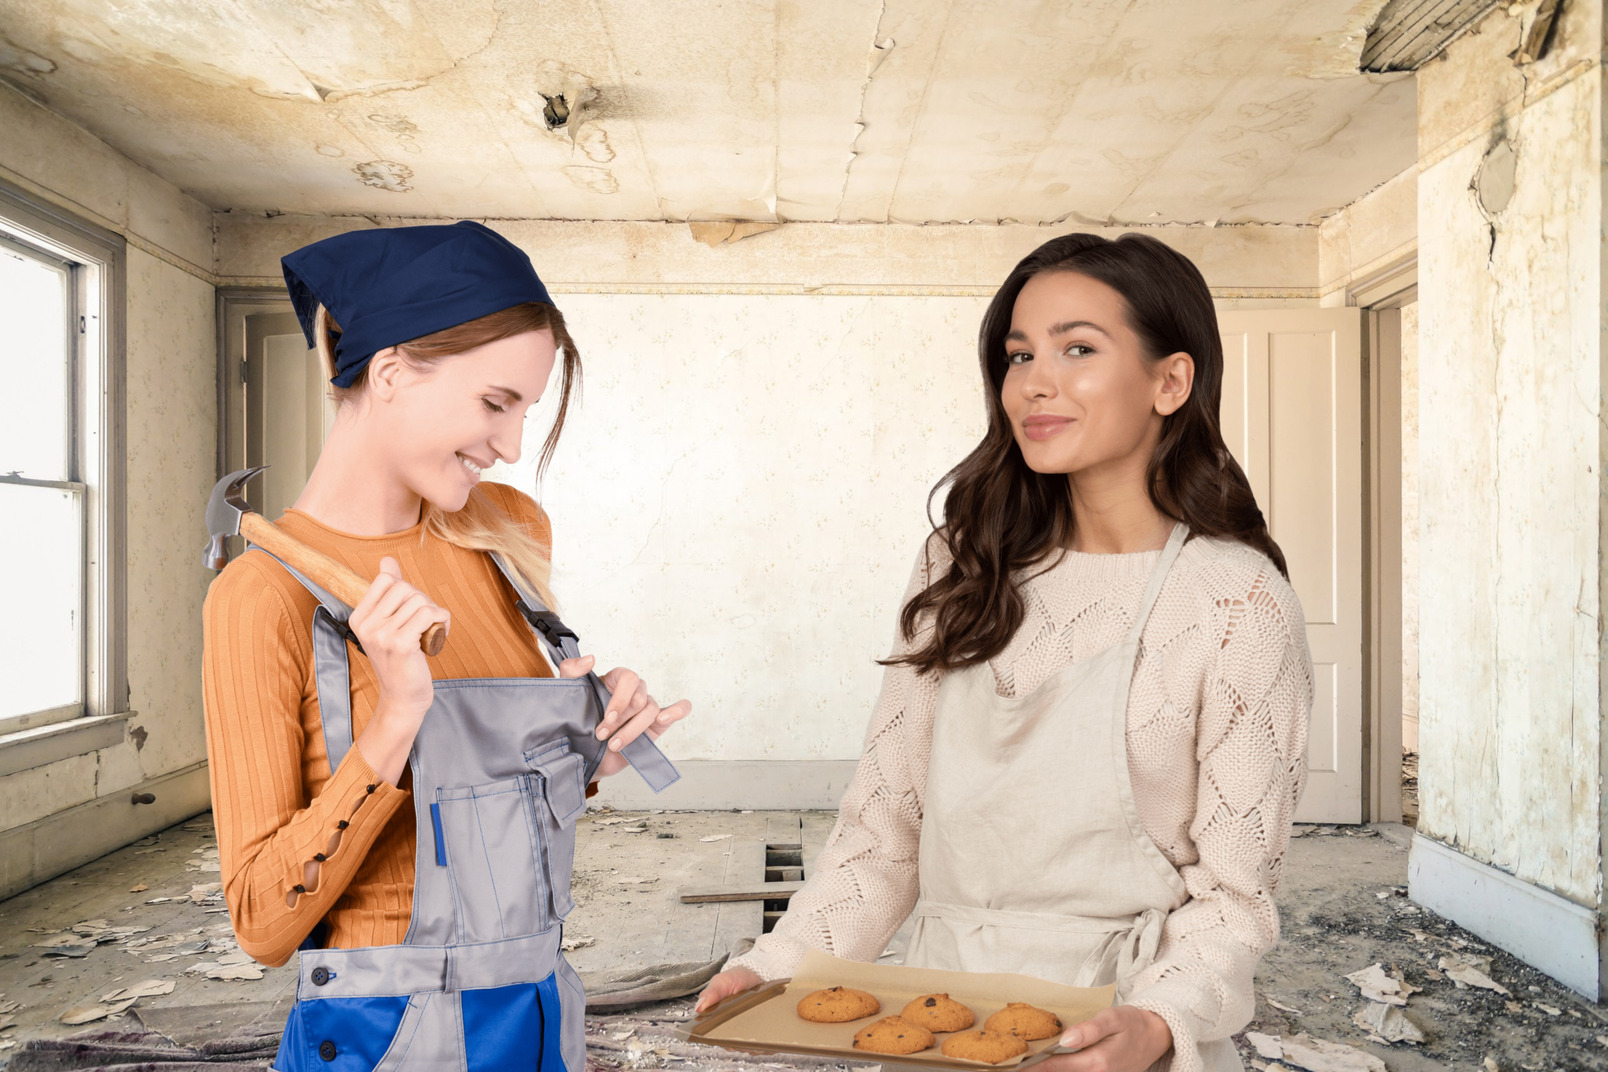 Brachte kekse für süße leckerei pause